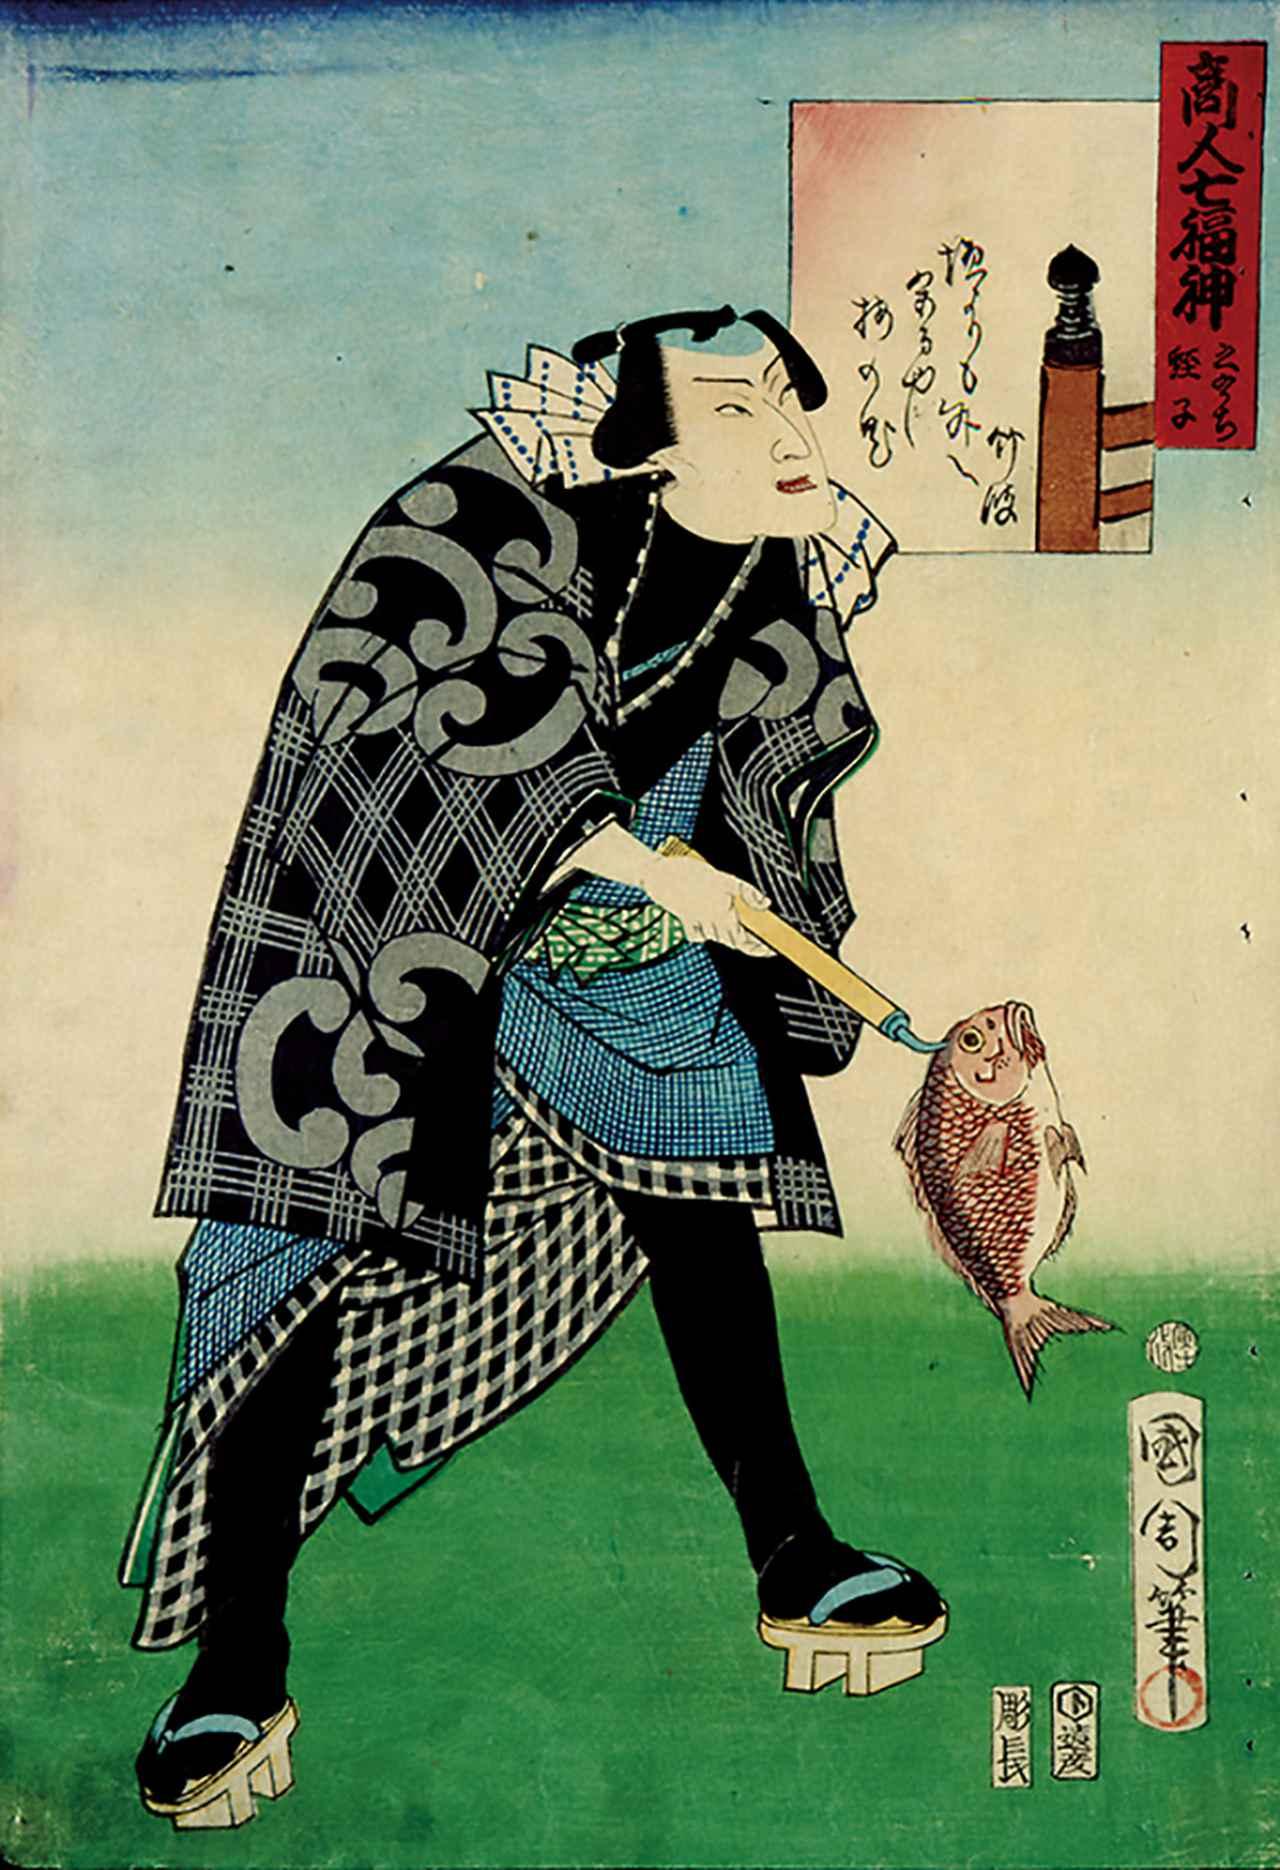 """Images : 4番目の画像 - 「今も昔も""""食いしん坊""""万歳! すし、天ぷらに、白玉―― 浮世絵のなかの""""おいしい""""を発見」のアルバム - T JAPAN:The New York Times Style Magazine 公式サイト"""